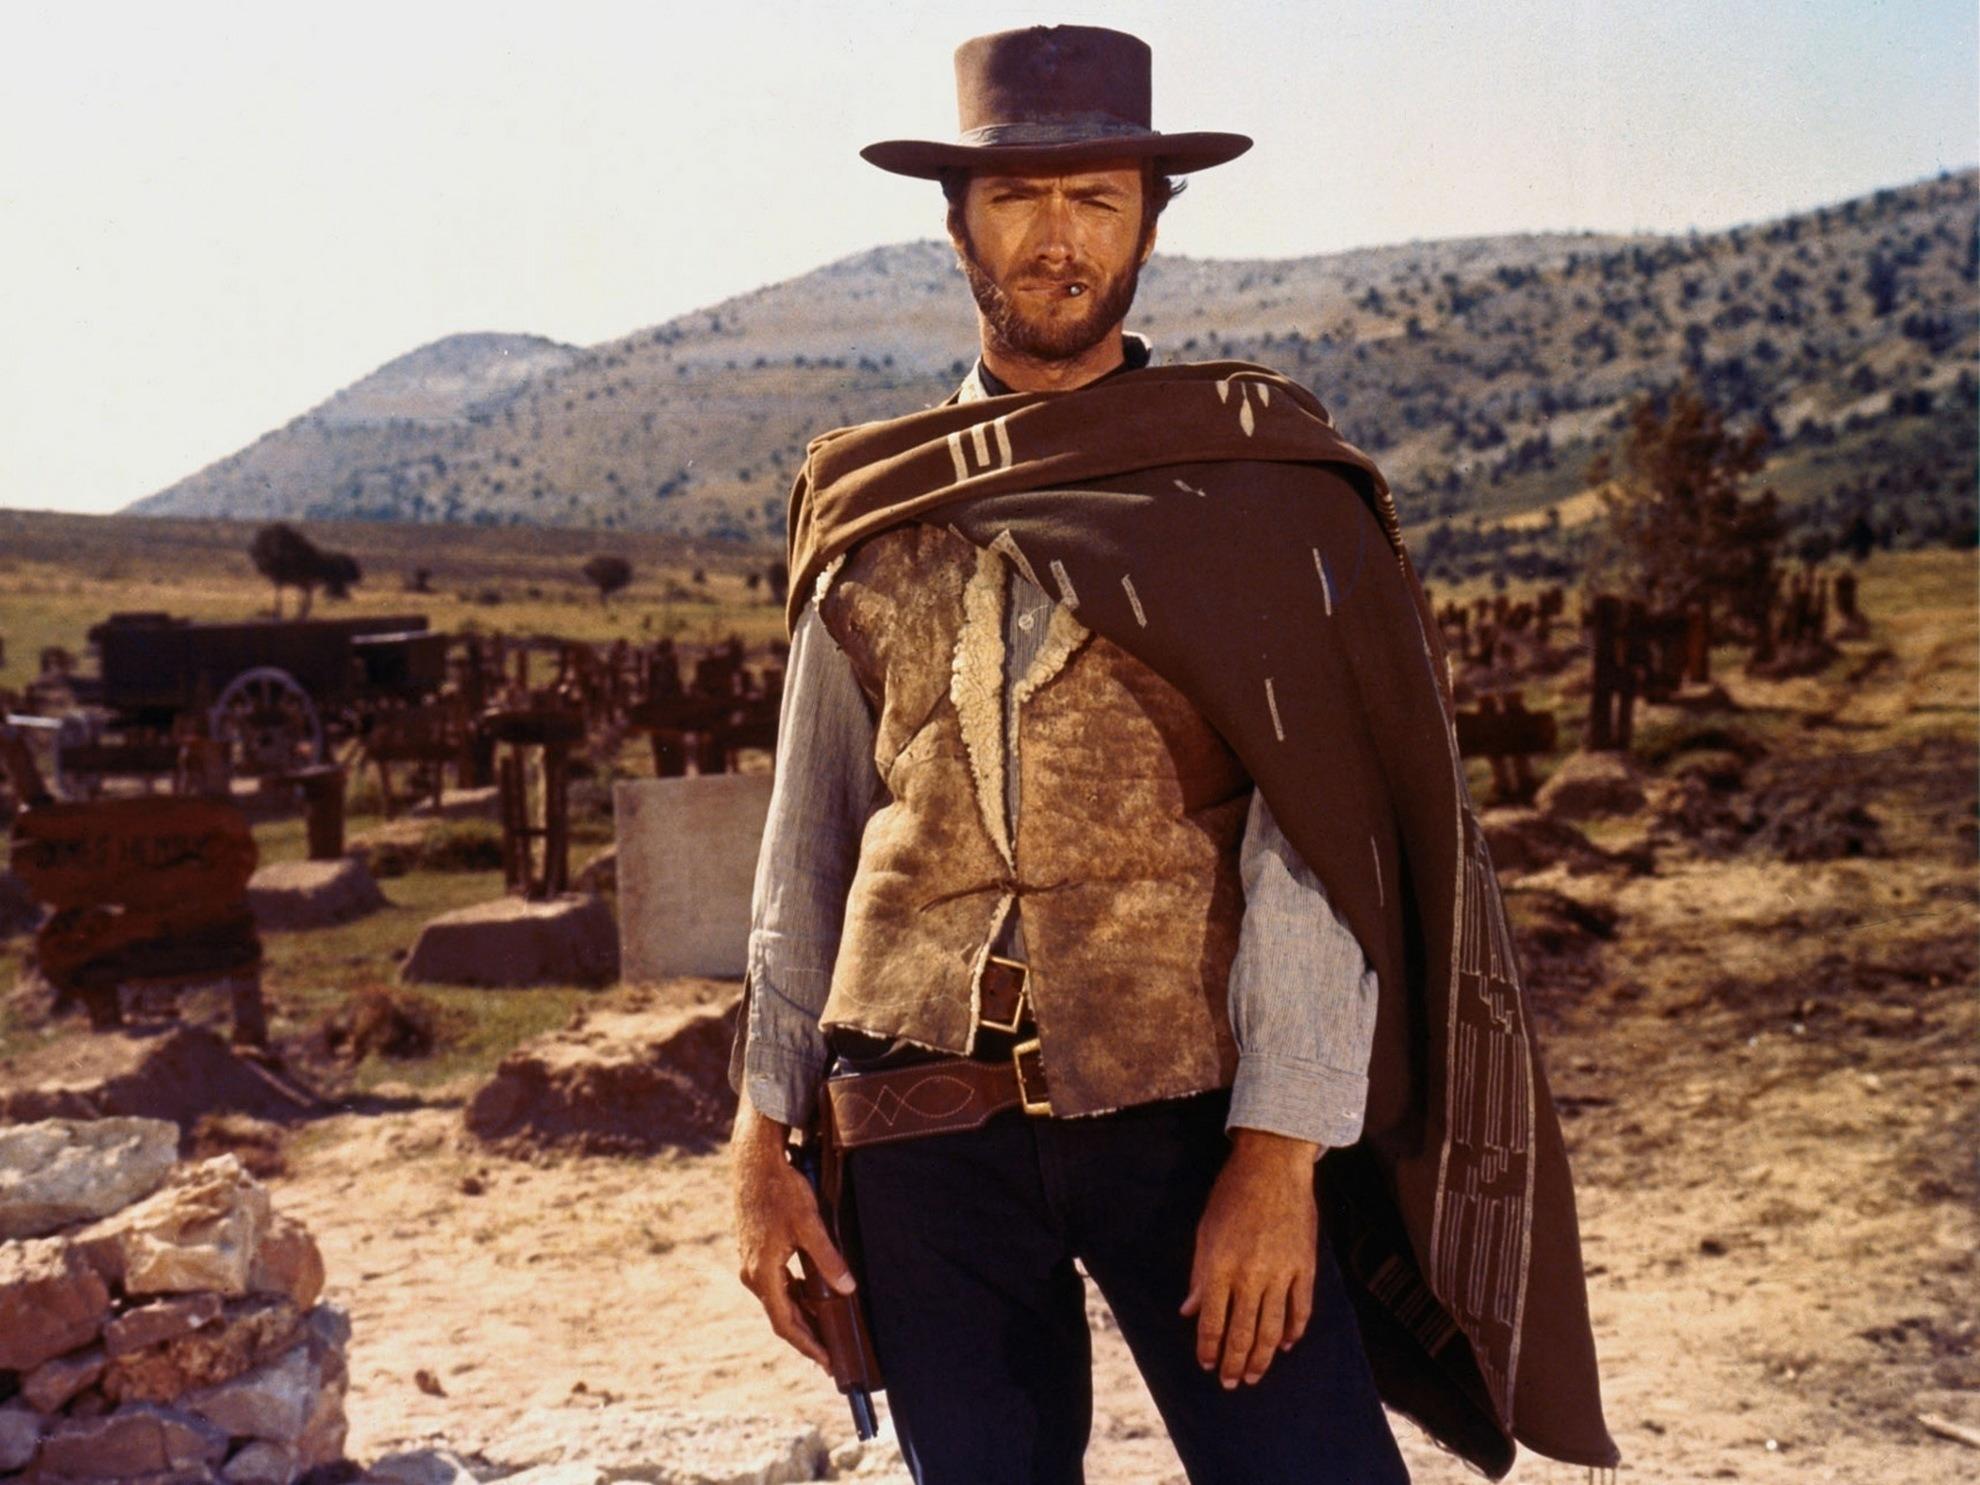 Clint Eastwood vestido de caubói no filme Três Homens em Conflito, ou The Goog The Bad and The Ugly